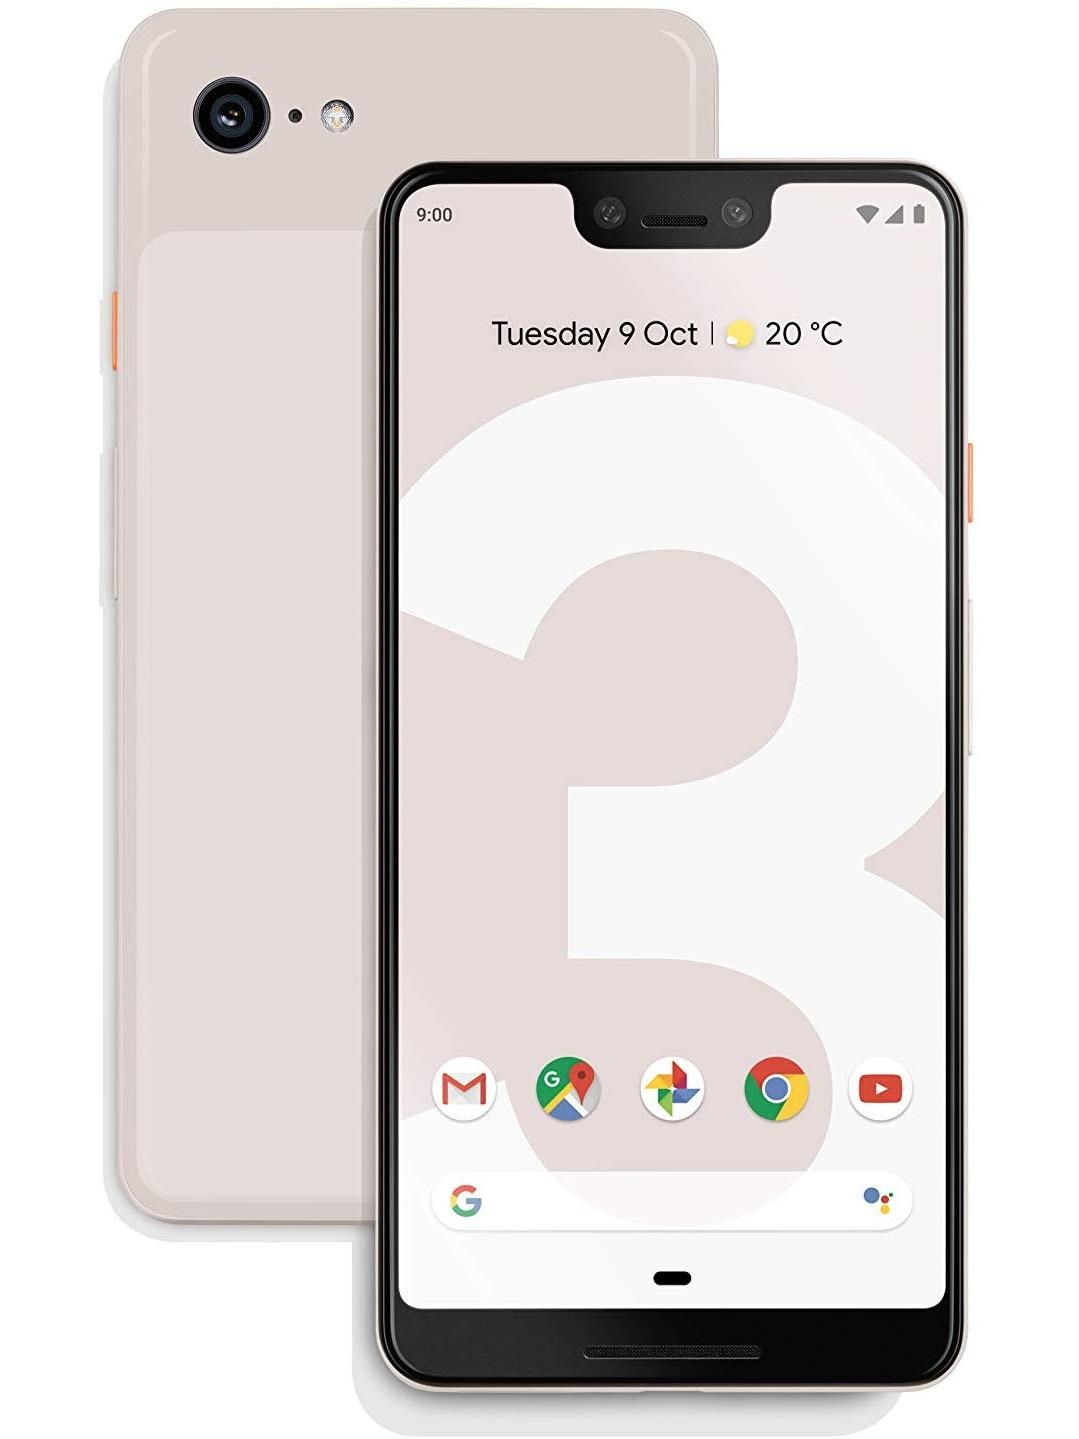 Téléphone google Pixel 3 XL, (rose), 64 go de mémoire interne 4 go de RAM, 6,3